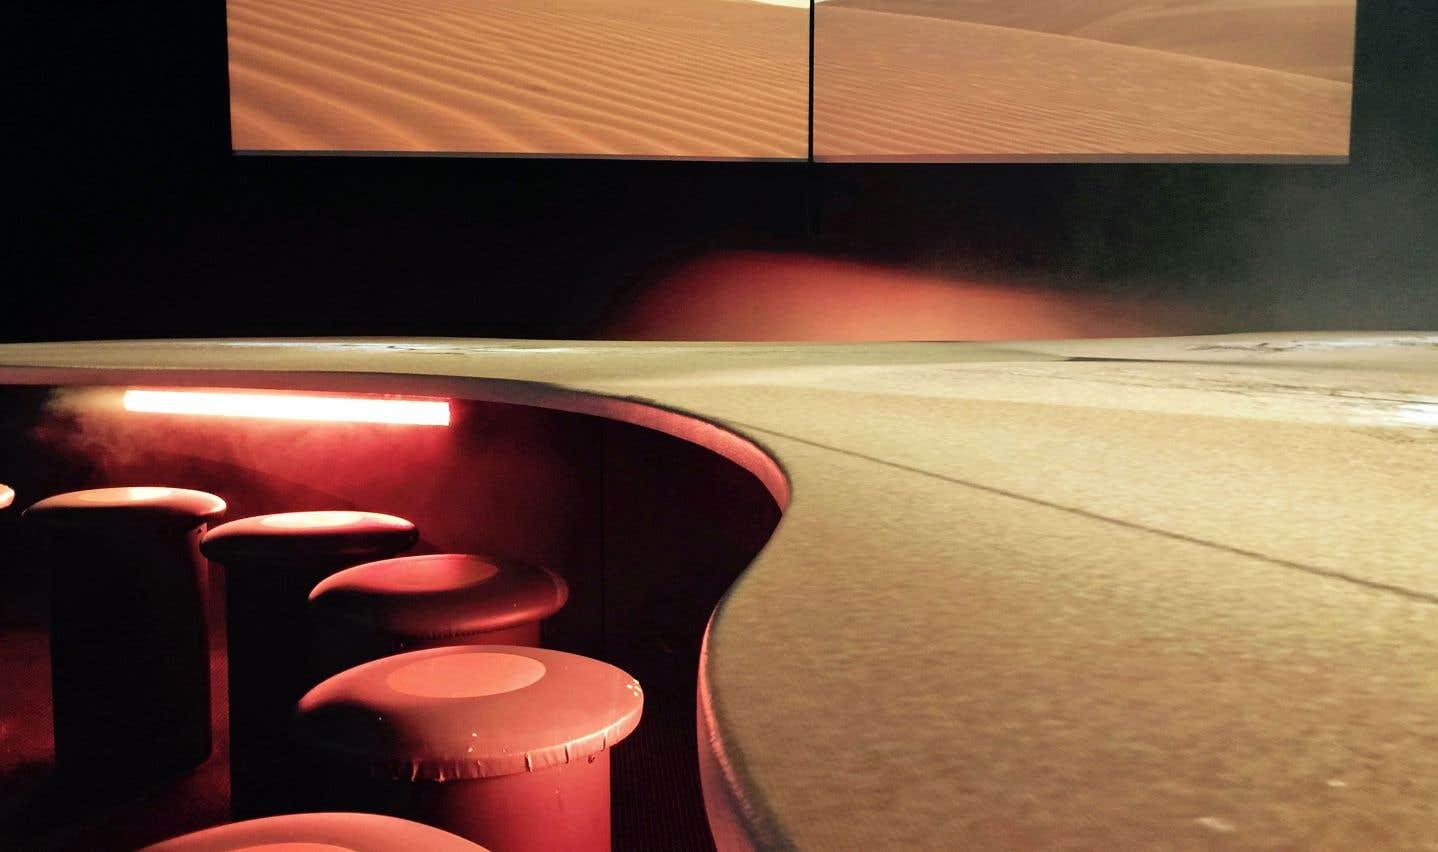 Le spectacle «Terra mutantès» permet de connaître les origines du relief appalachien, assis autour d'une table interactive qui s'anime au rythme du déplacement des océans, de volcans qui crachent le feu, de glaciers qui avancent en écorchant les montagnes...